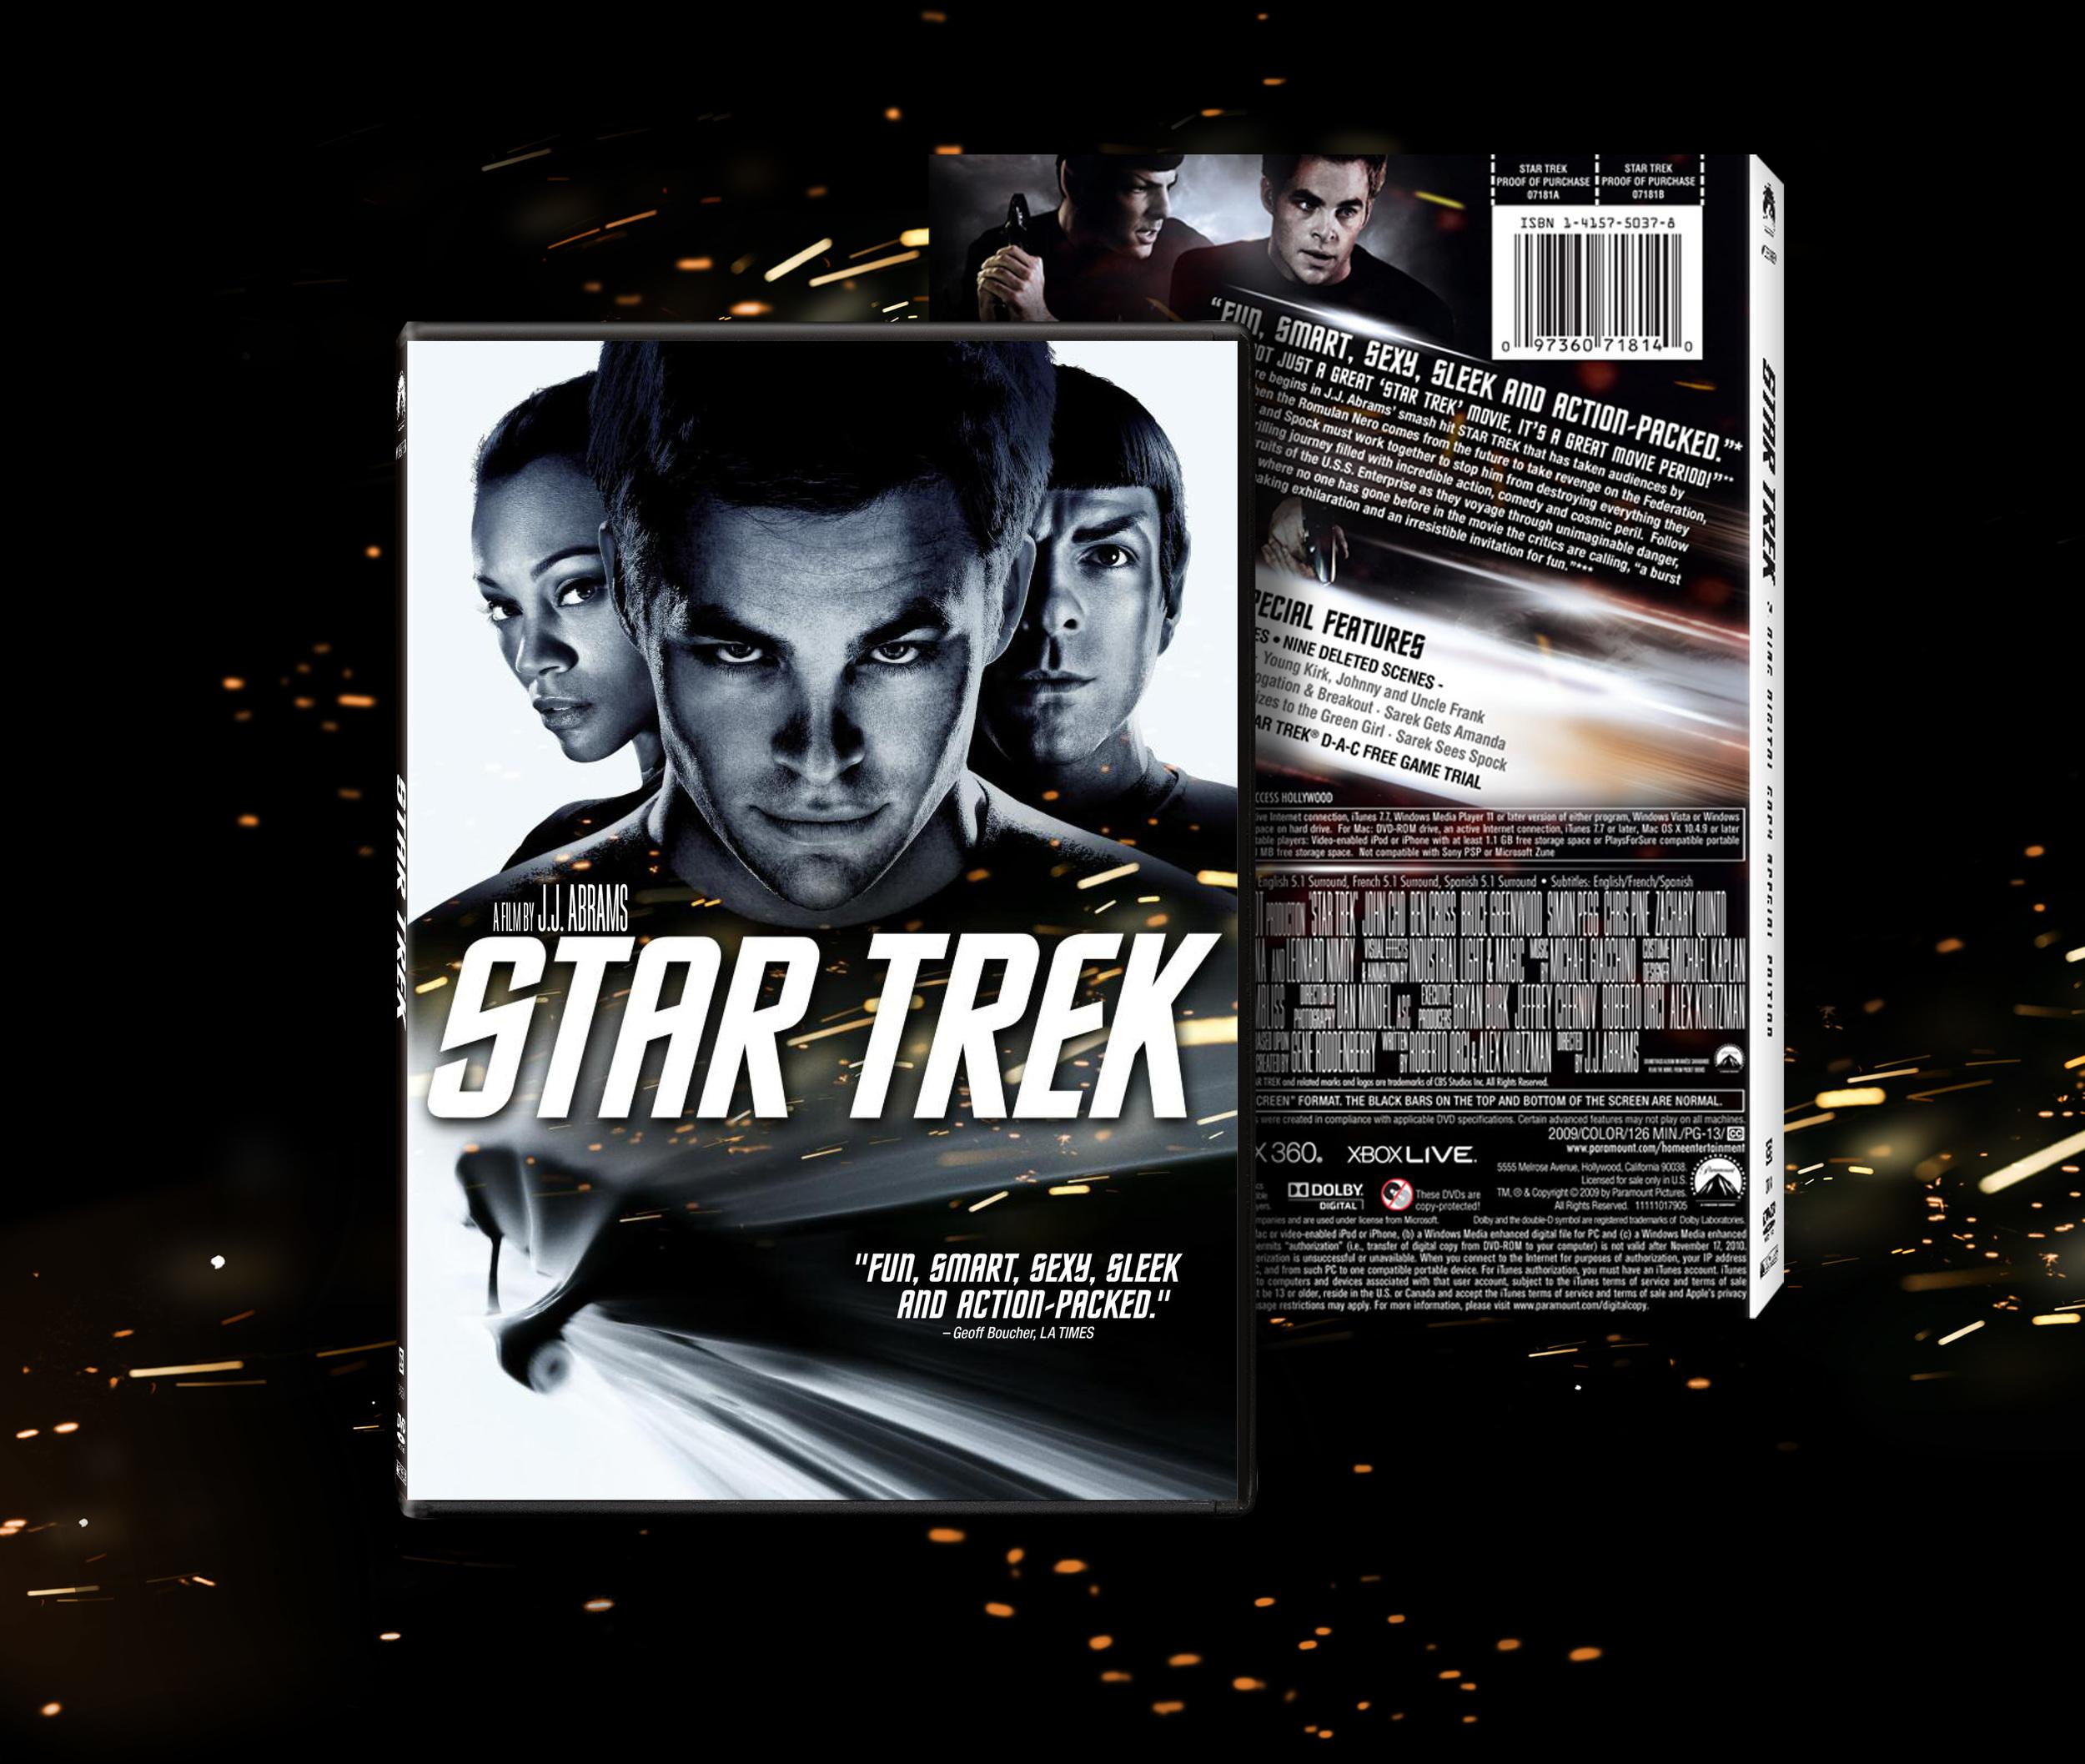 07-STAR TREK.jpg